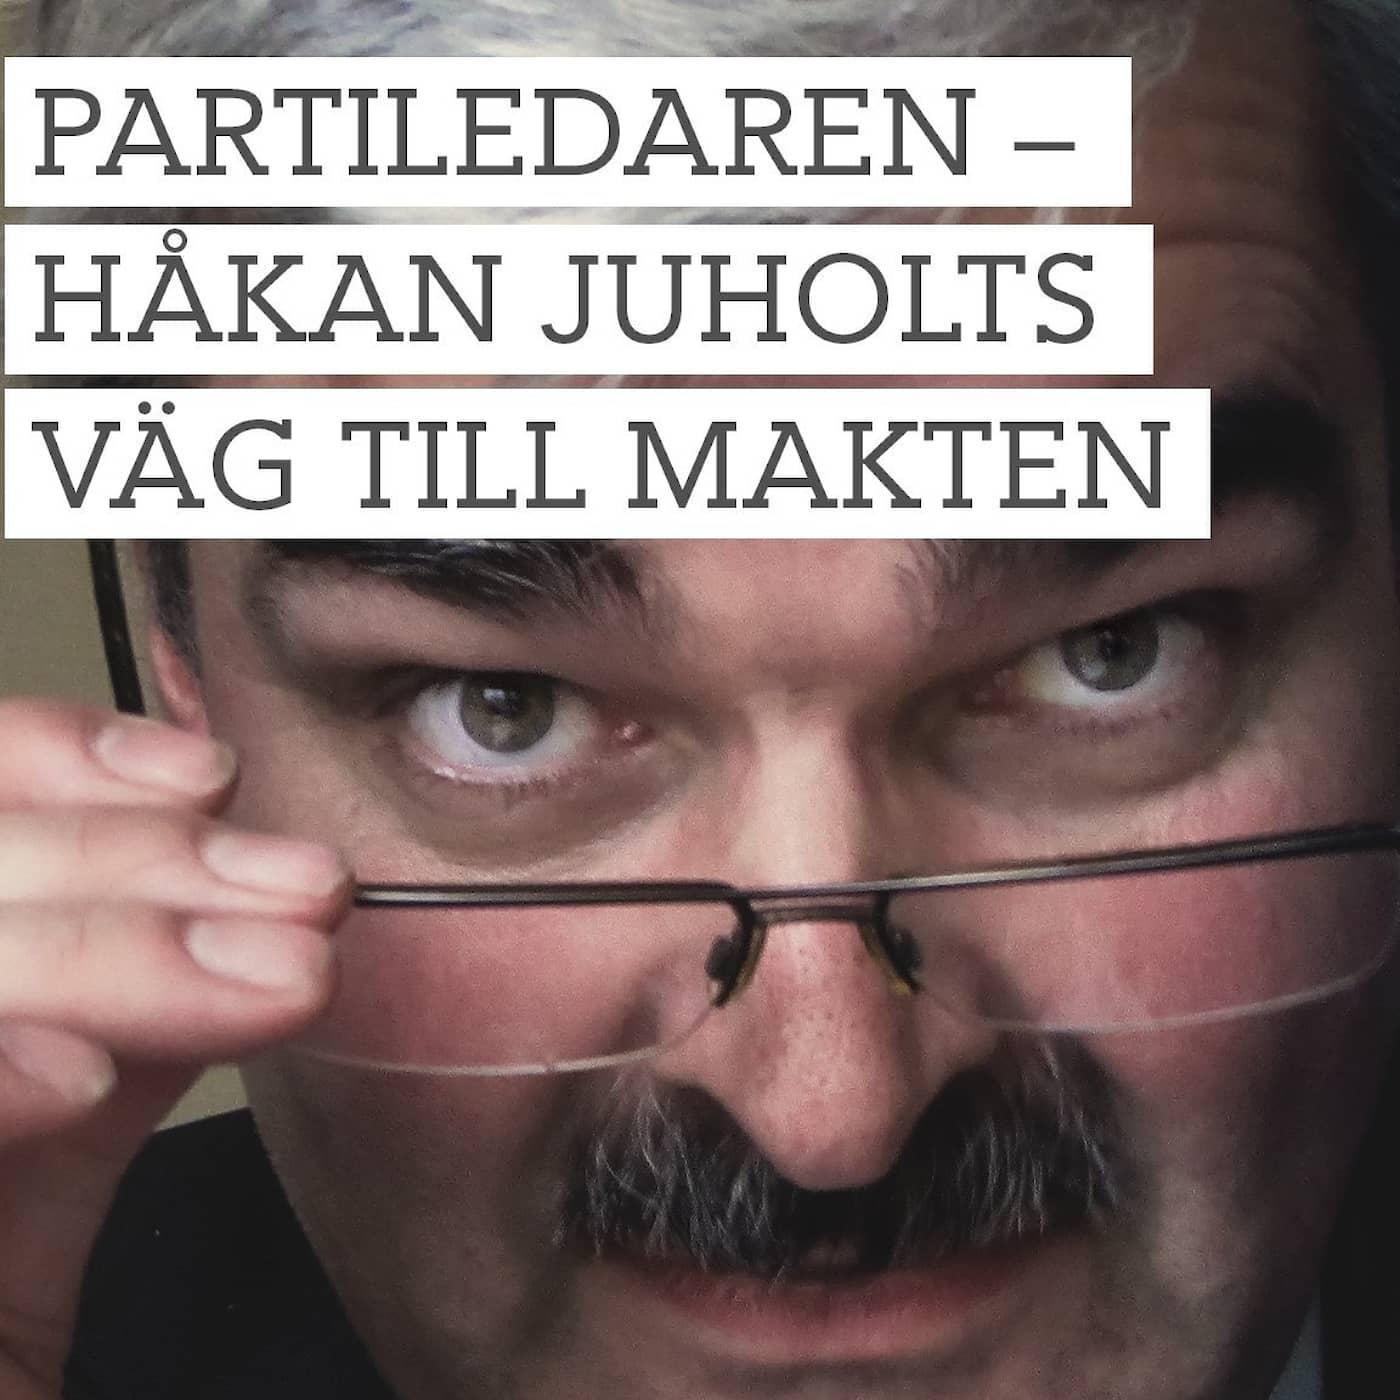 Partiledaren – Håkan Juholts väg till makten